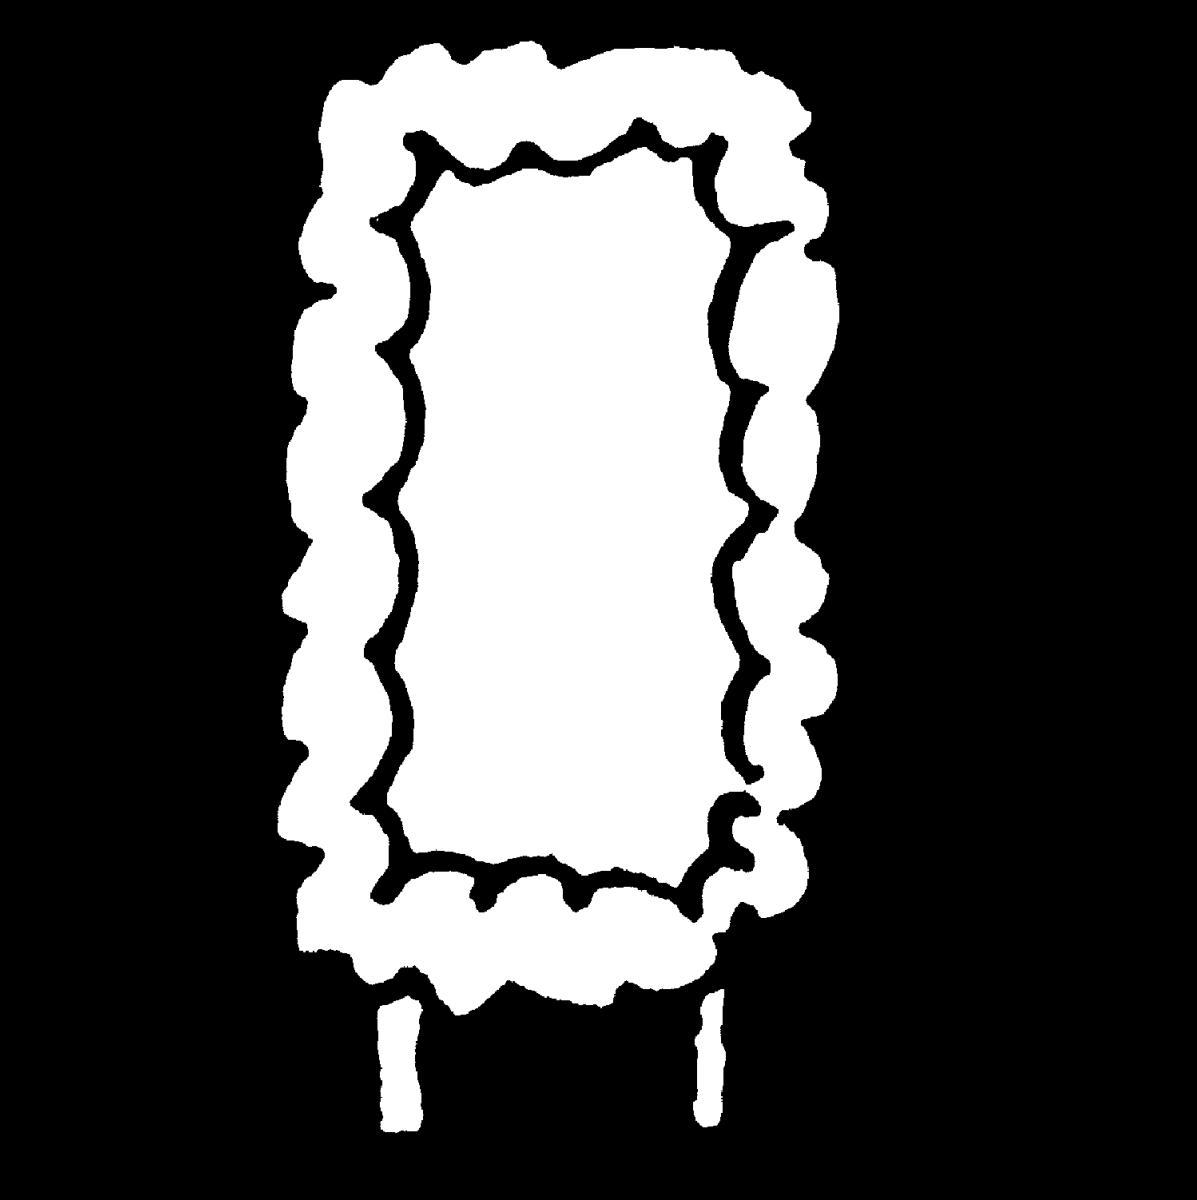 式の看板のイラスト / Ceremony sign Illustration